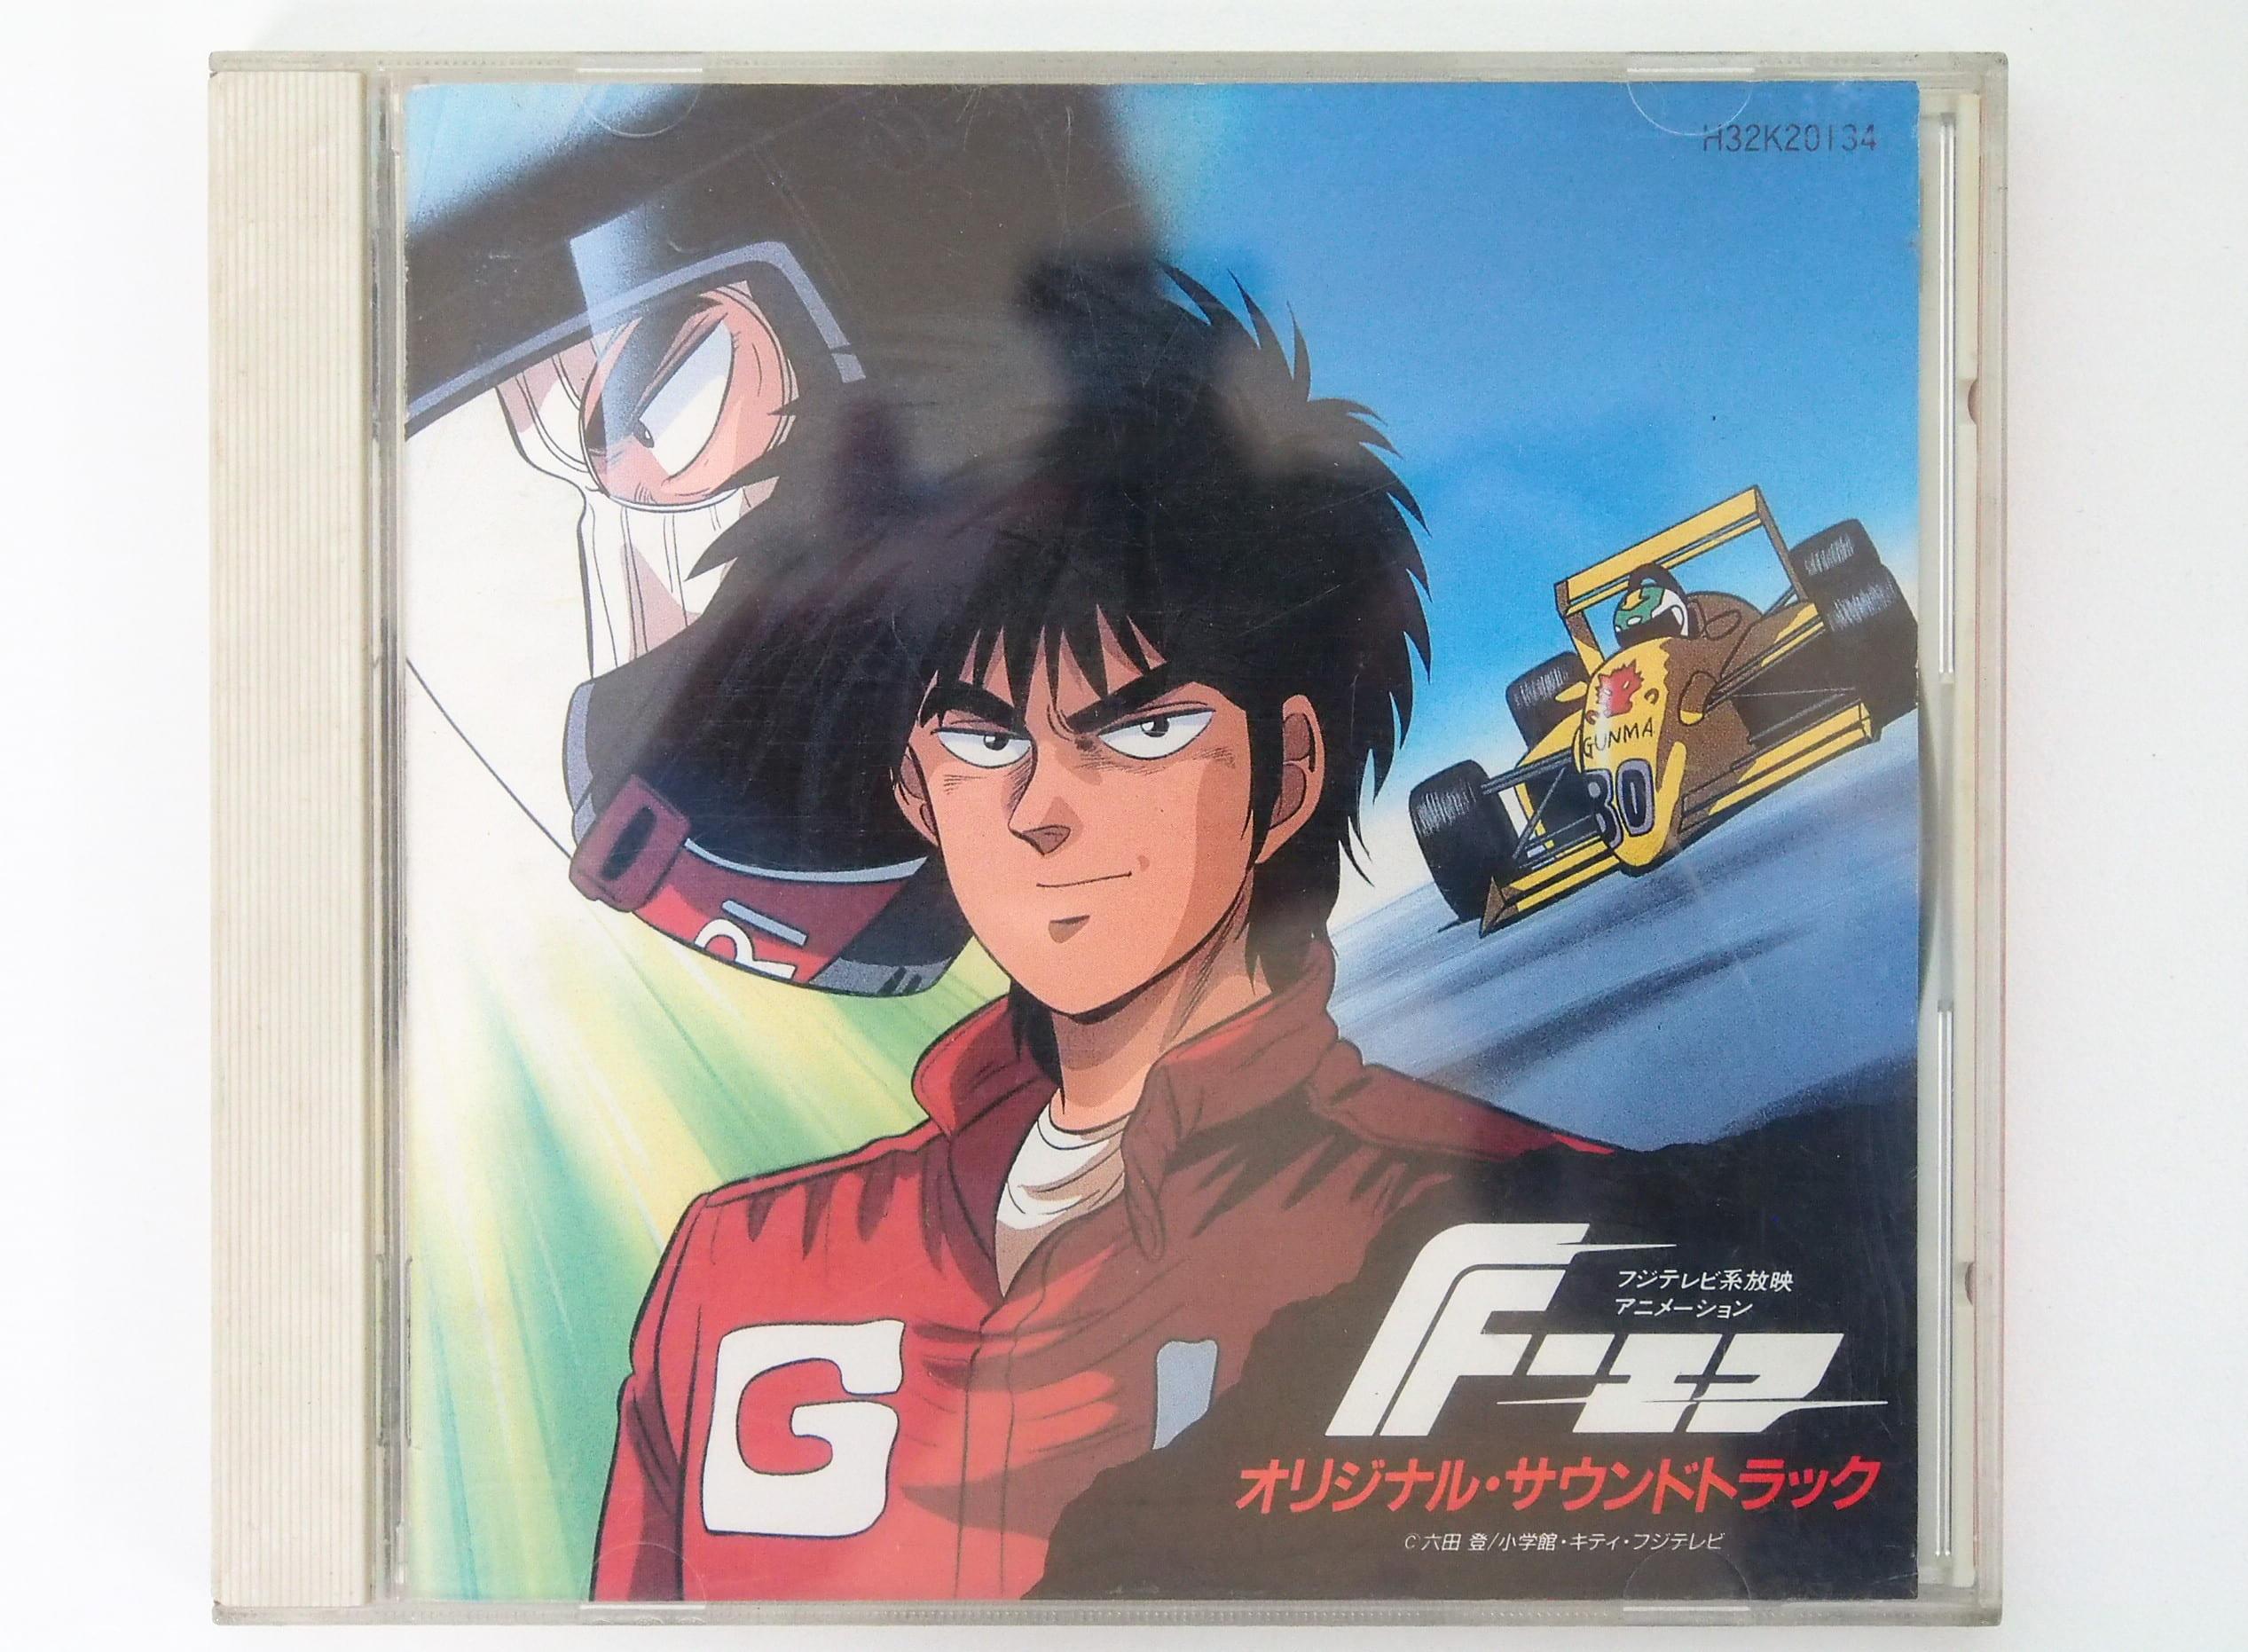 高価買取したF エフ オリジナルサウンドトラックCDの表紙